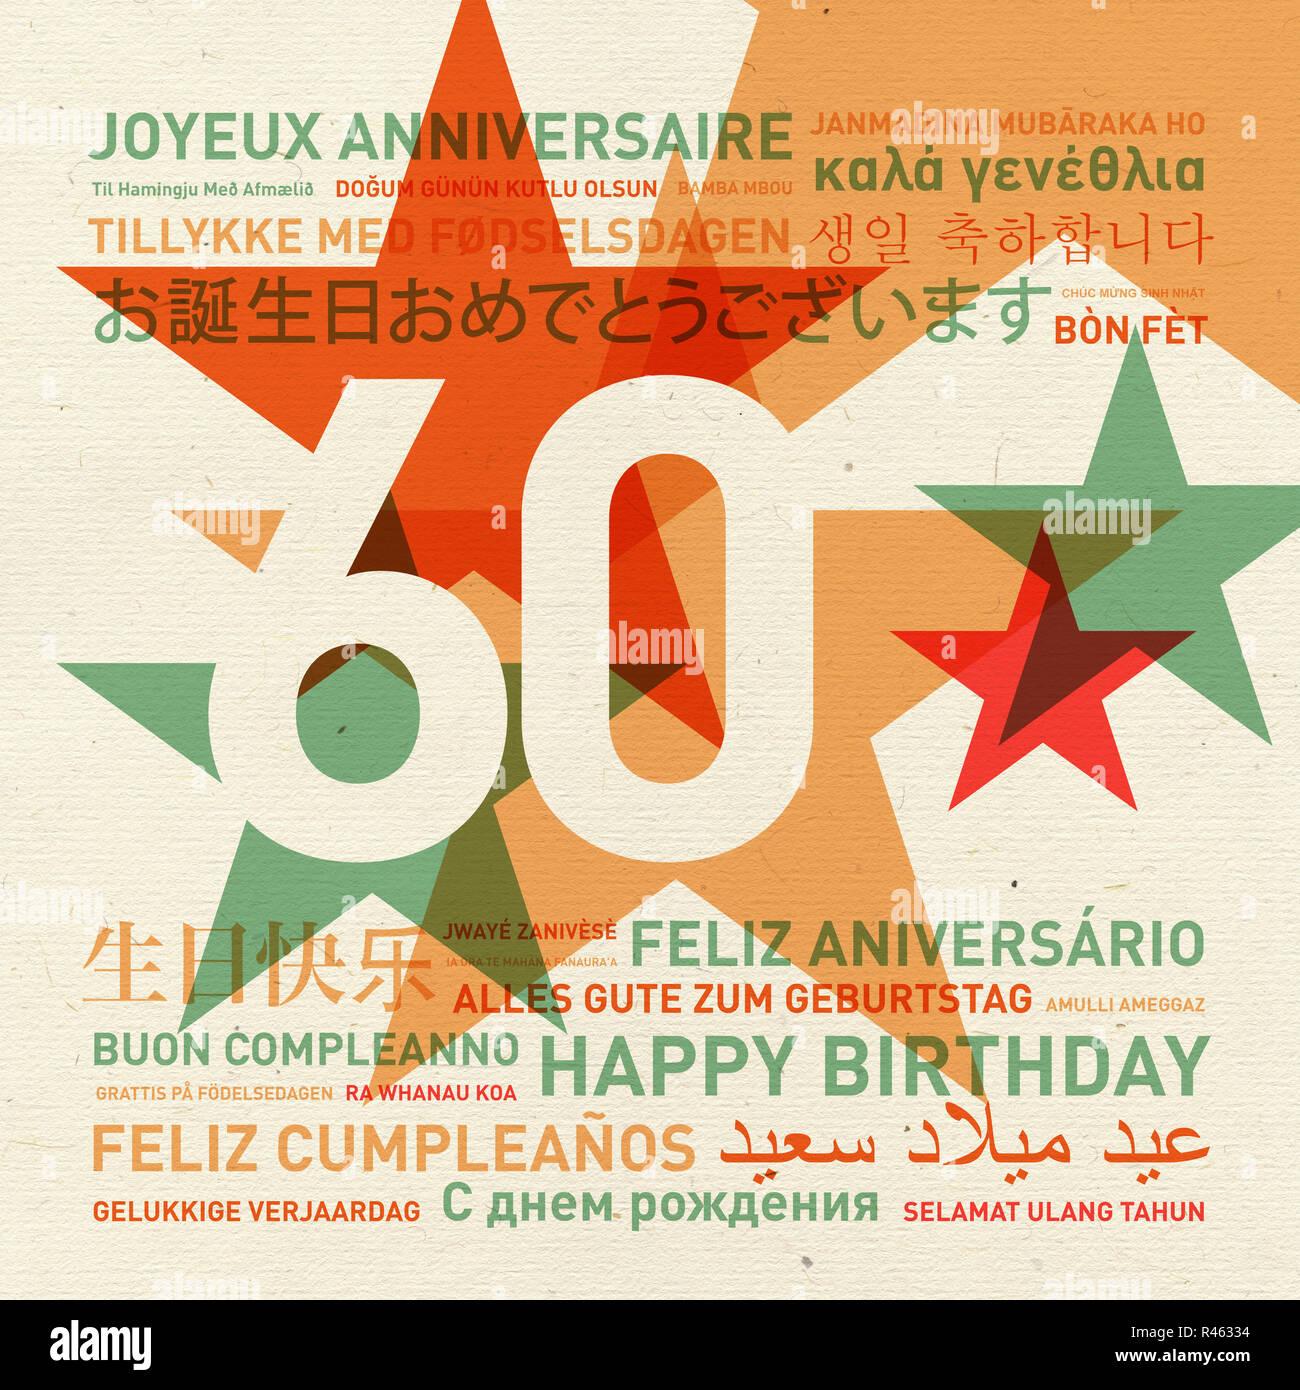 Jahrestag Happy Birthday Card Aus Der Welt Stockbild